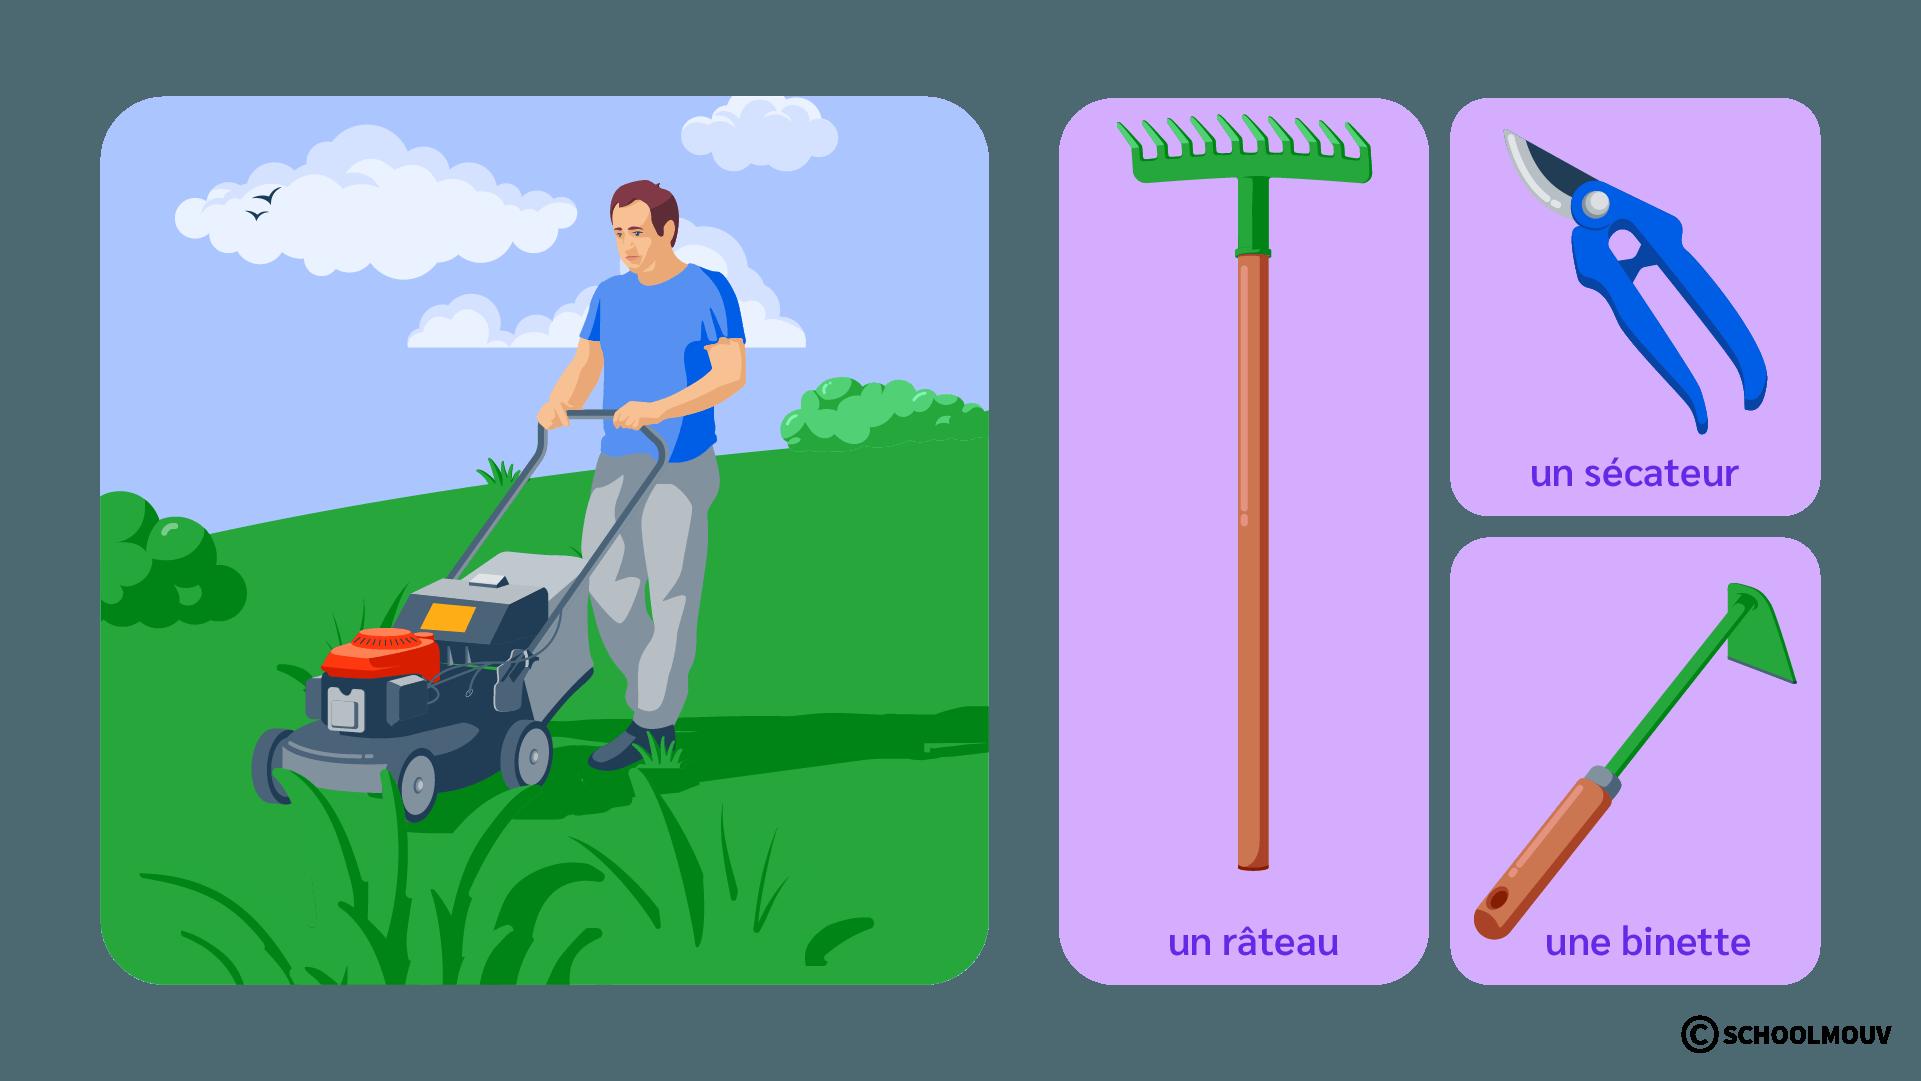 Jardinier - Outils - Râteau - Tondeuse - Sécateur - Binette - Jardin - Pelouse - Espace vert - SchoolMouv - Sciences - CE2